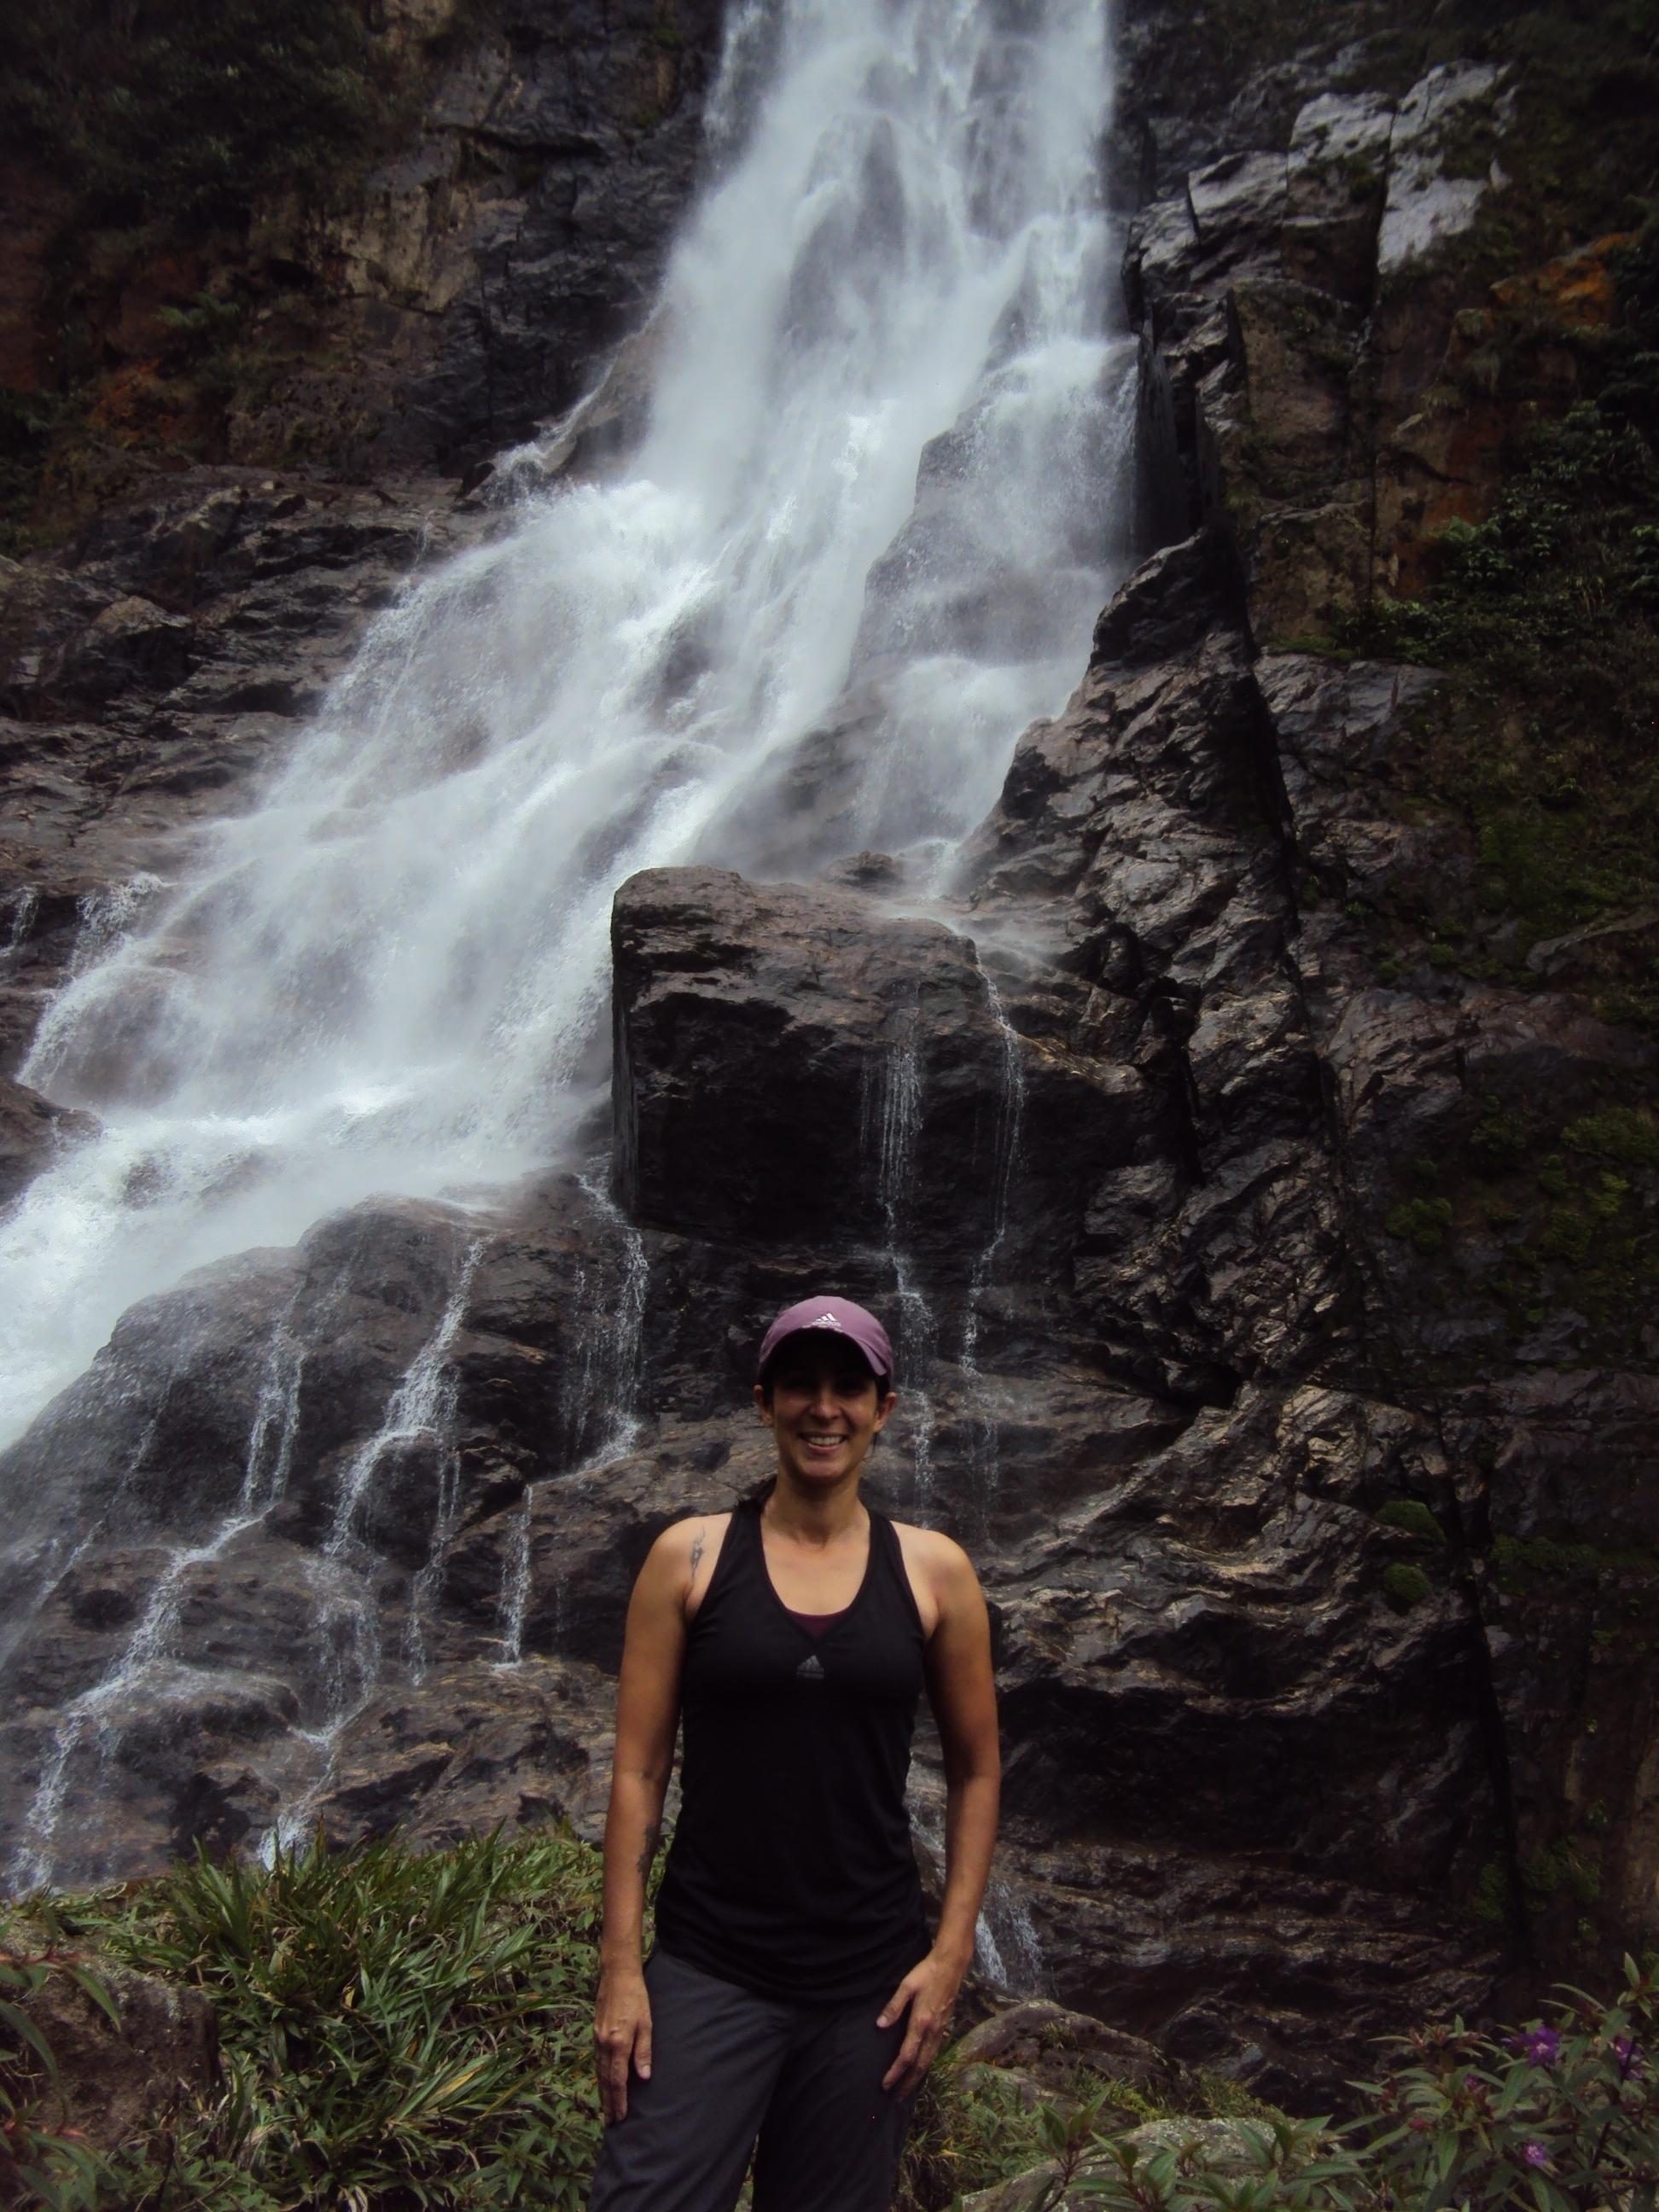 Vale das cachoeiras novembro 2014 048.jpg